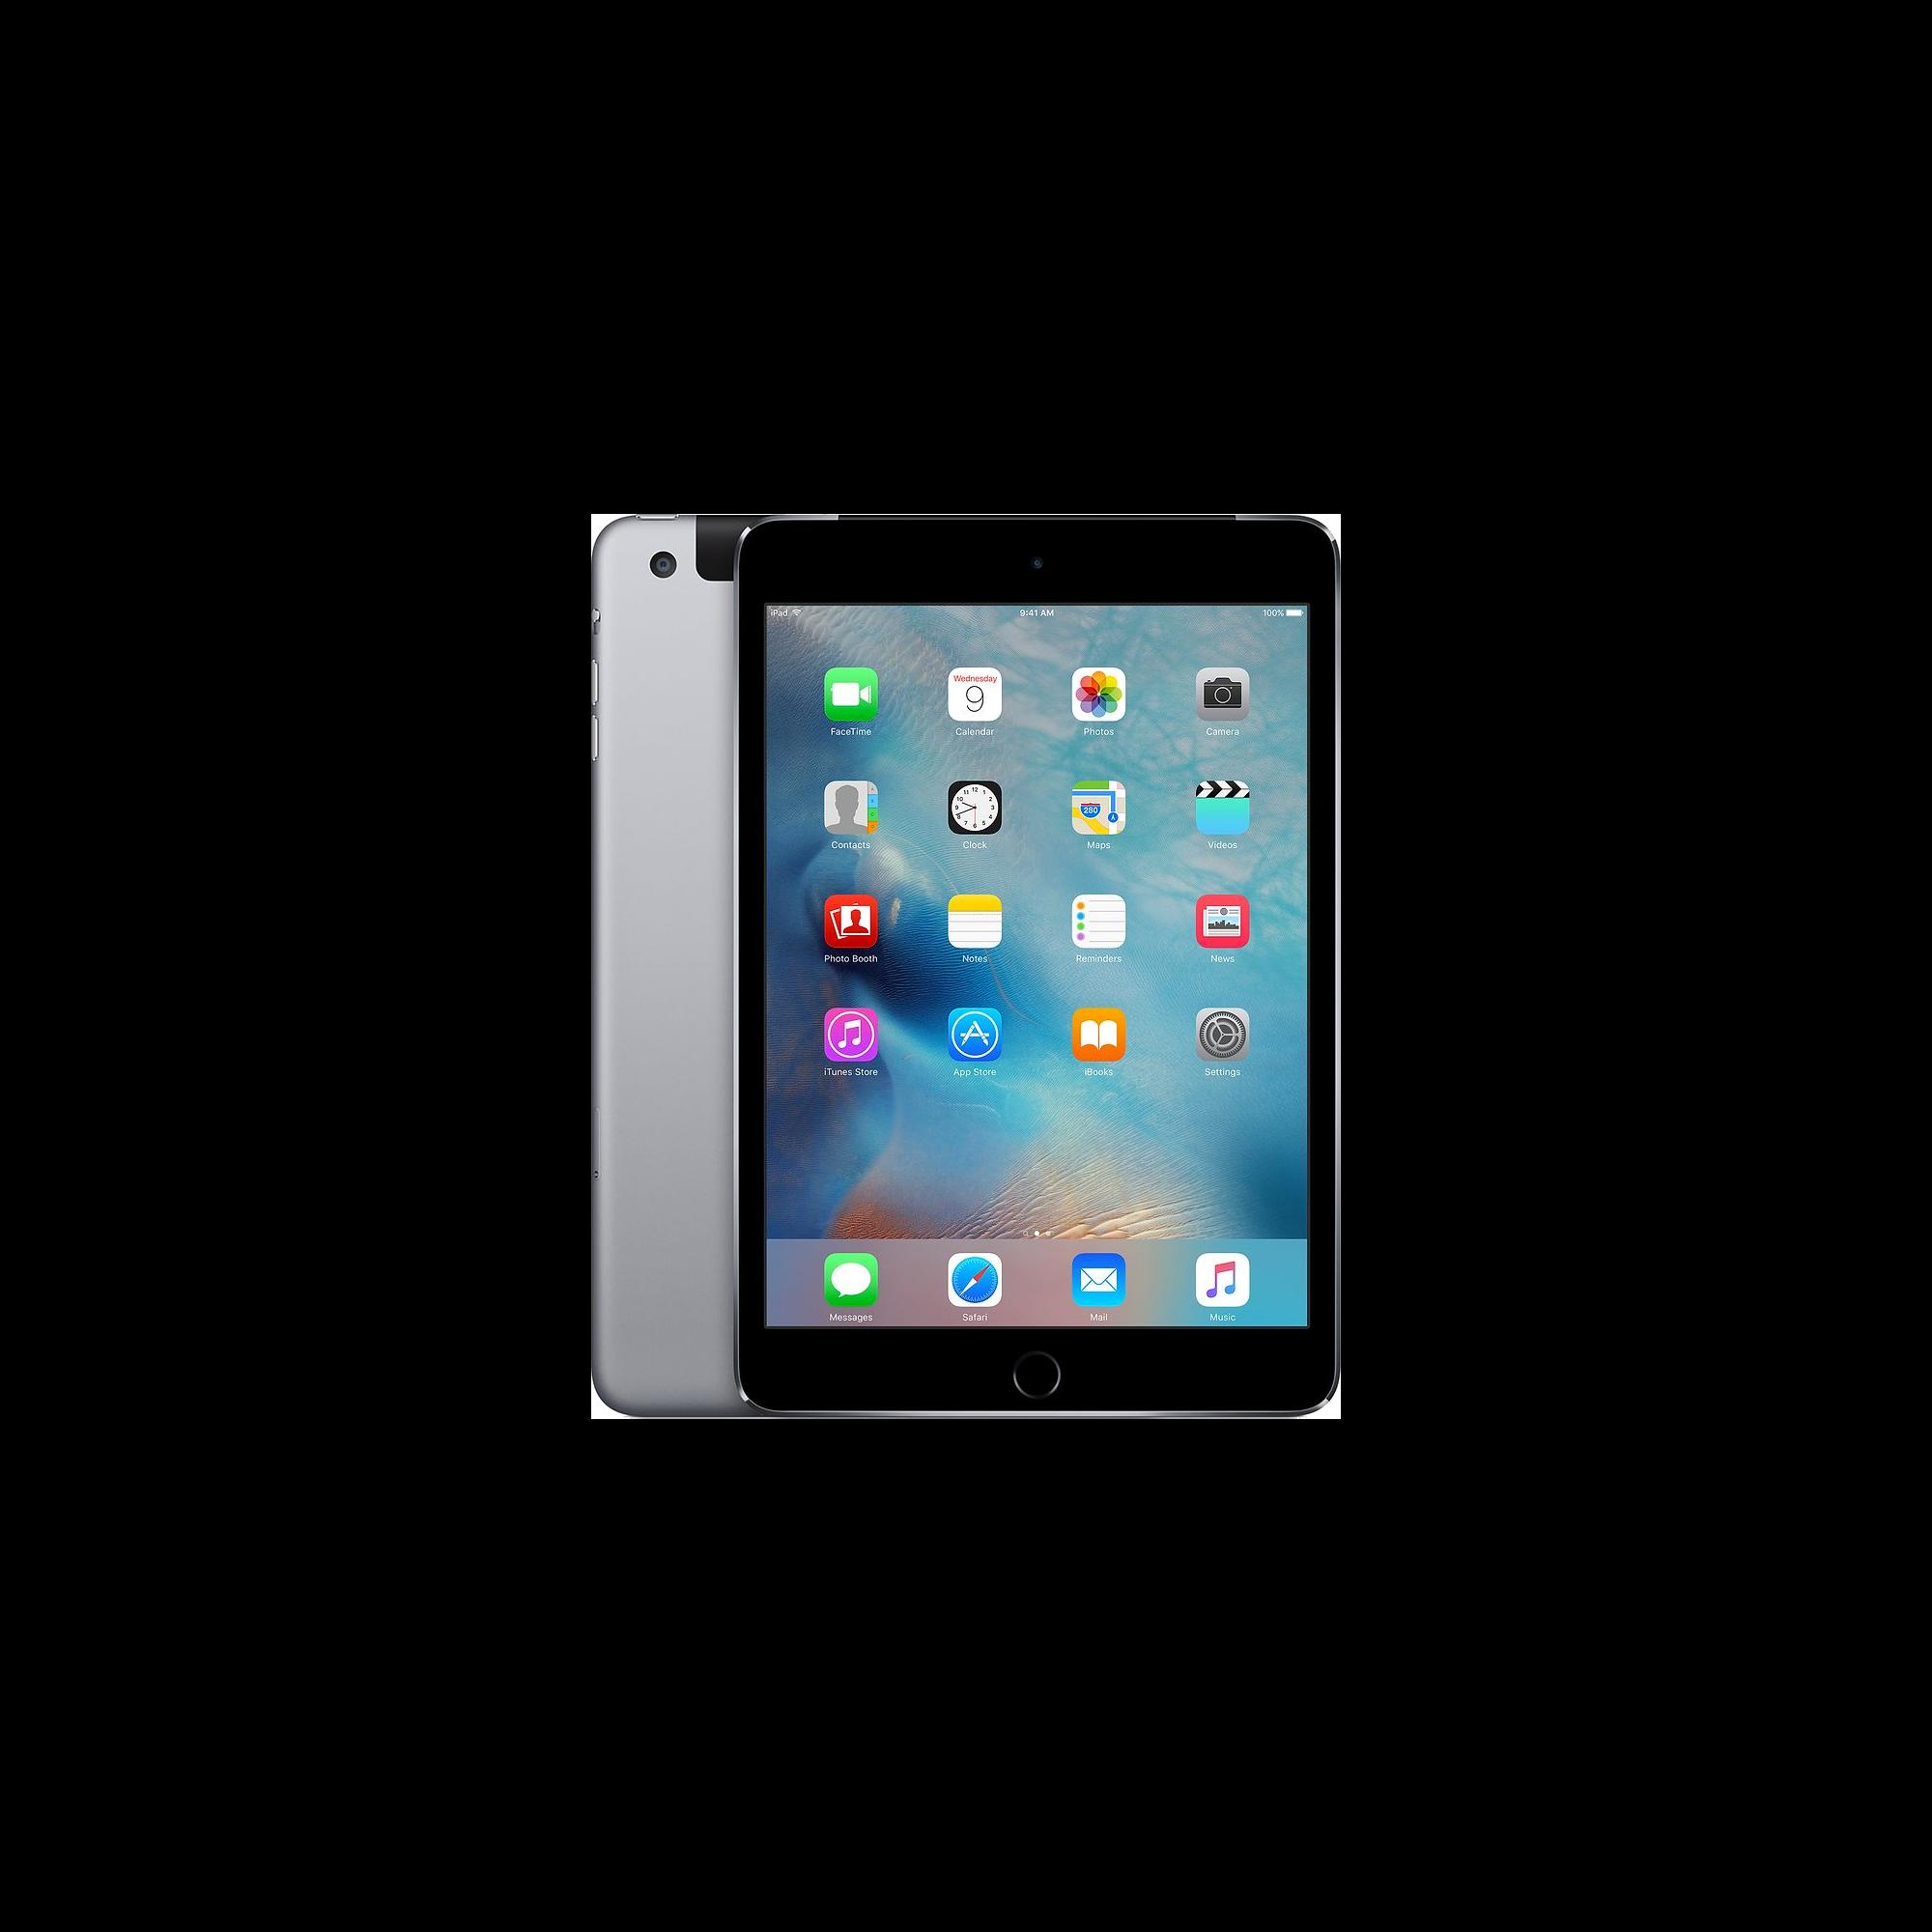 iPad 4 | $80 + tax